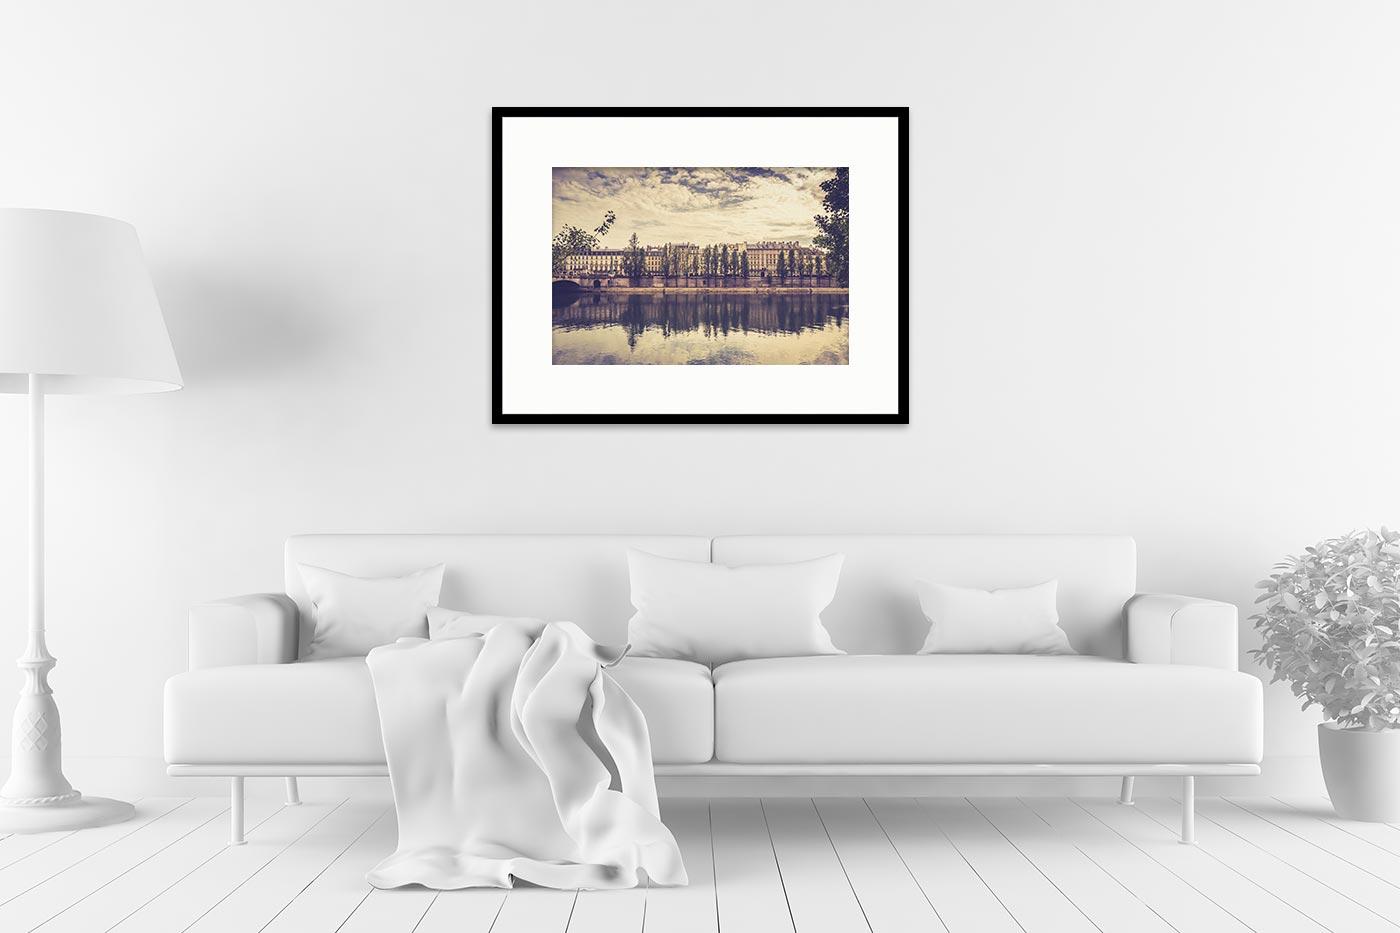 Cadre galerie 60x80 Paris 17H30